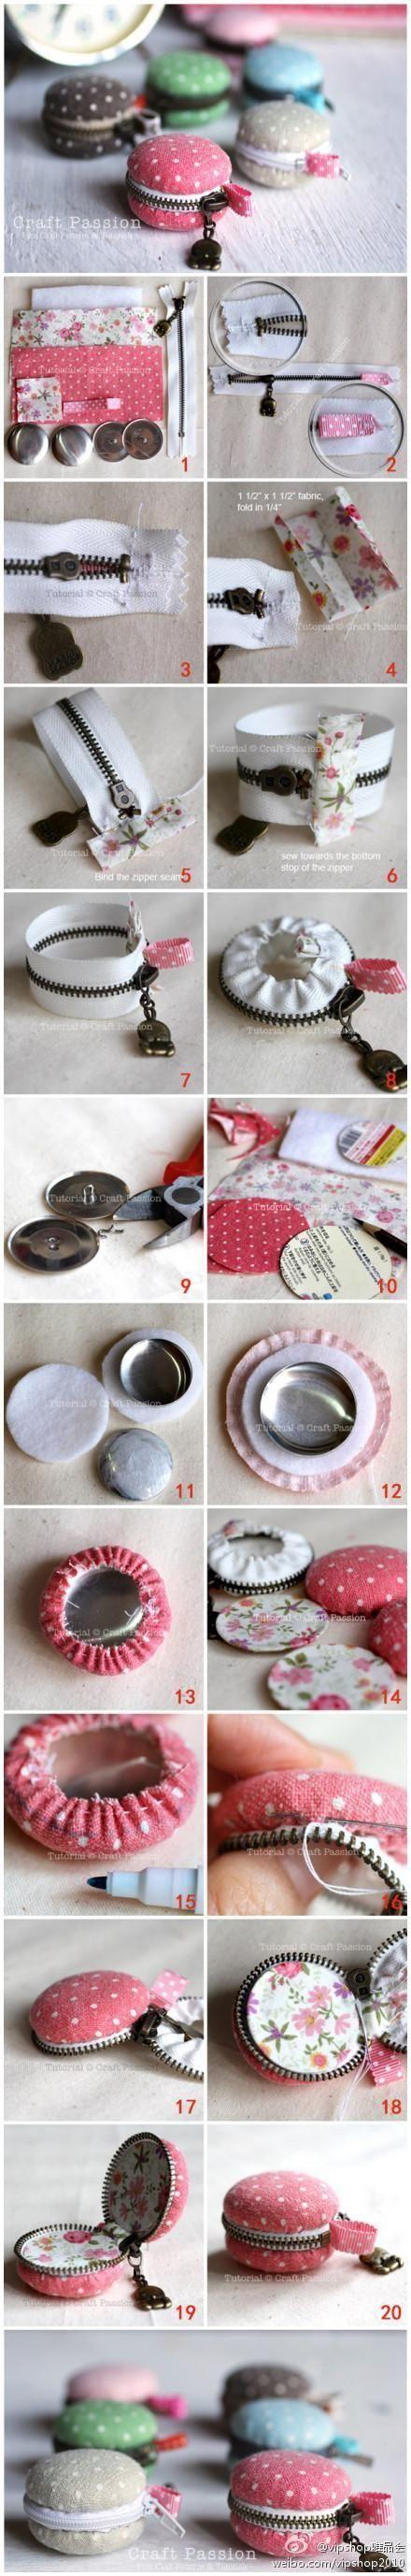 YÜZÜK HEDİYE ÖZEL KUTU TASARLAMAK - http://kendinyapsana.com/yuzuk-hediye-ozel-kutu-tasarlamak/